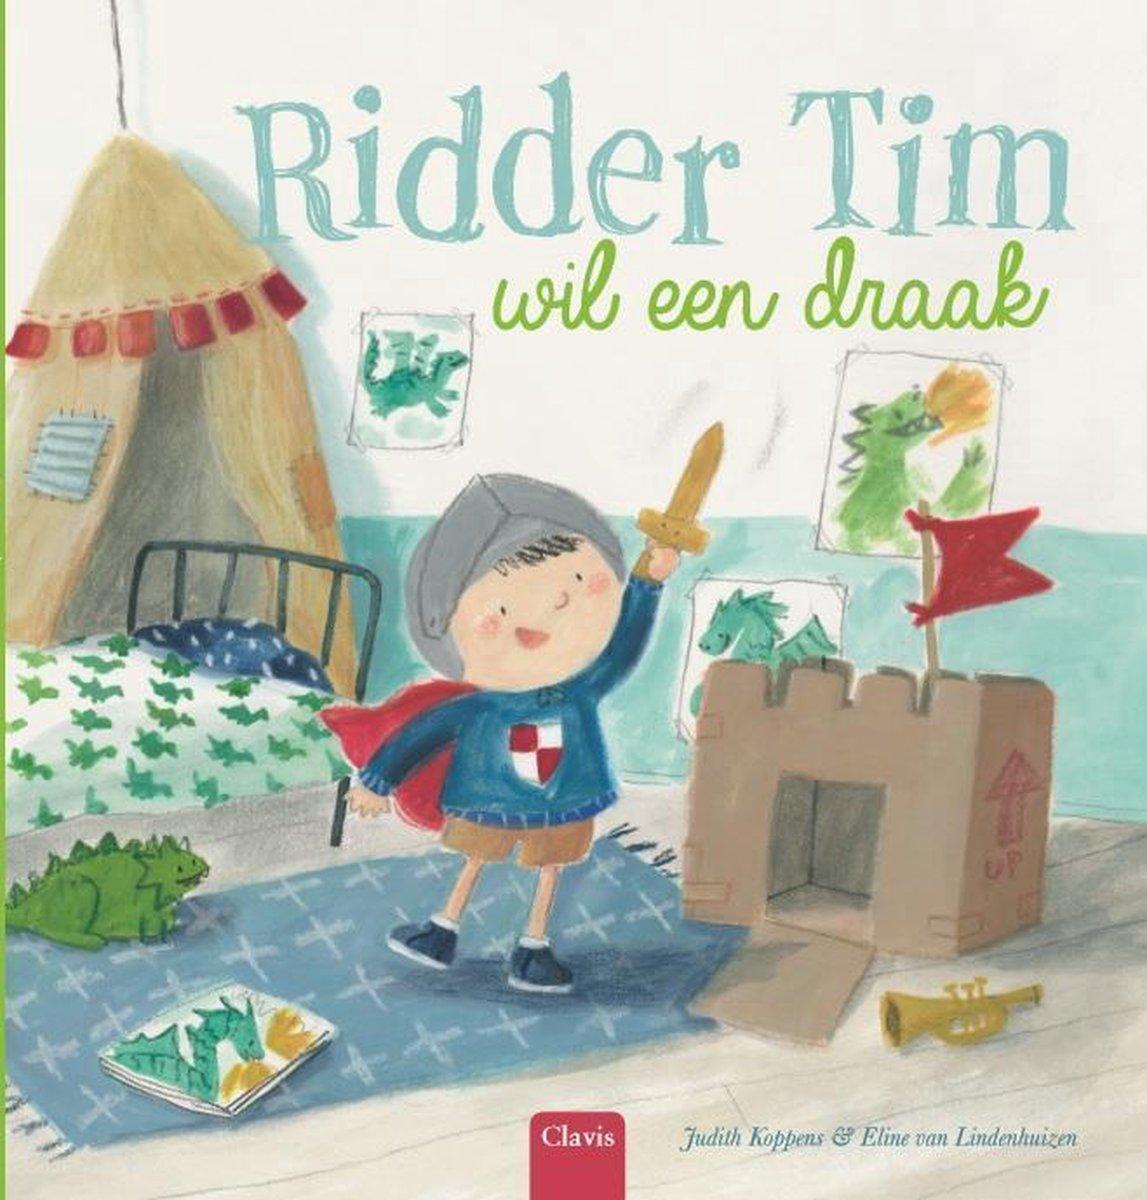 bol.com   Ridder Tim wil een draak, Judith Koppens   9789044829907   Boeken